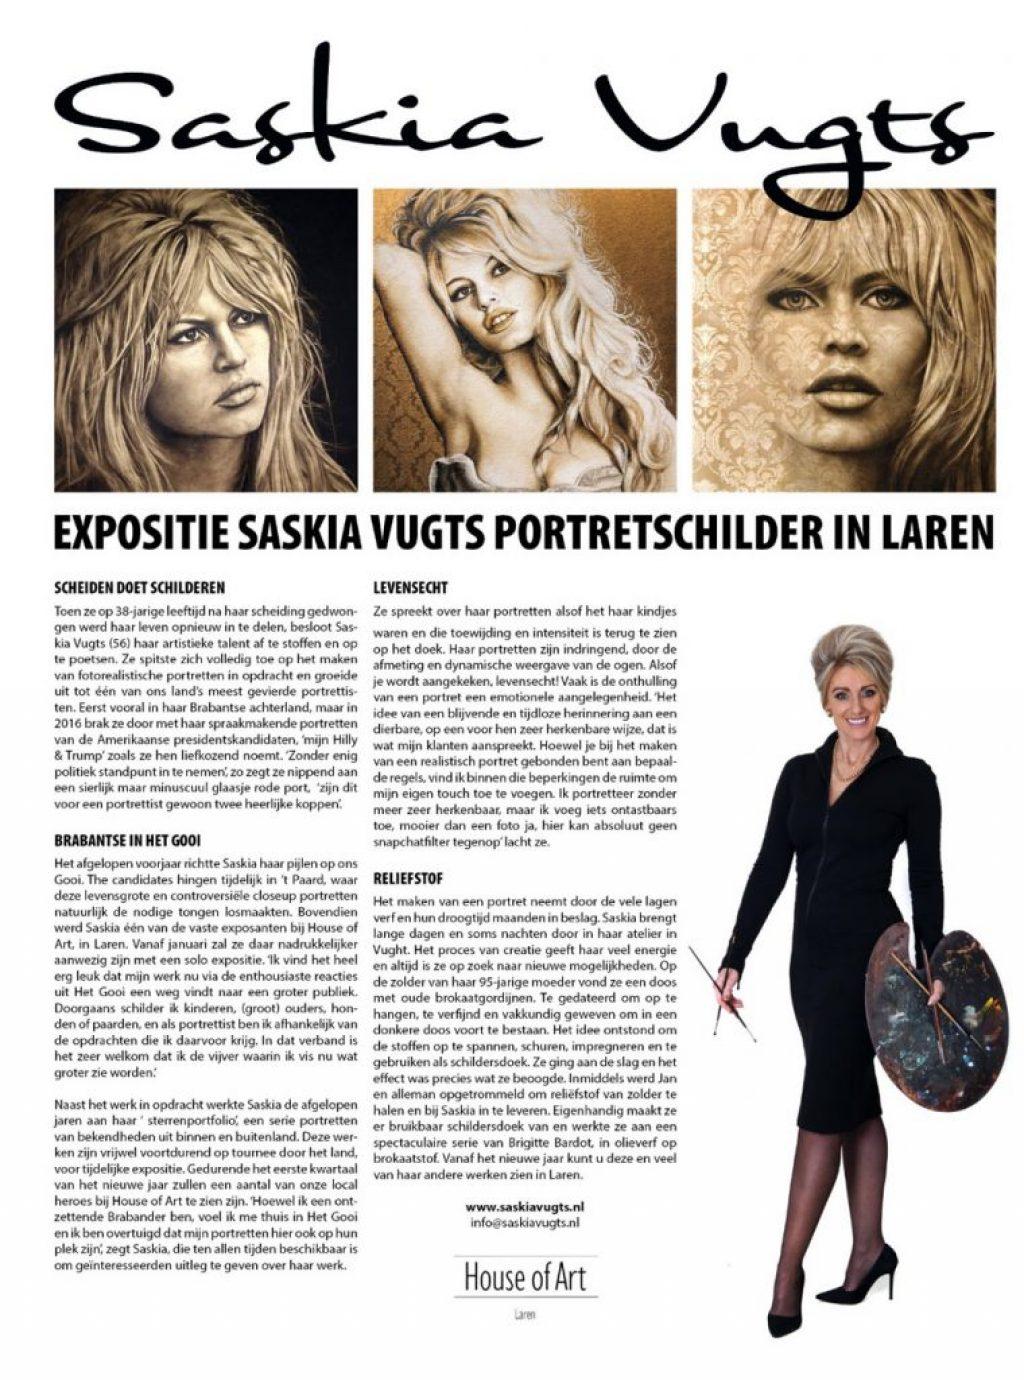 Saskia Vugts Portretschilder Nicole's Gooisch Blad klein